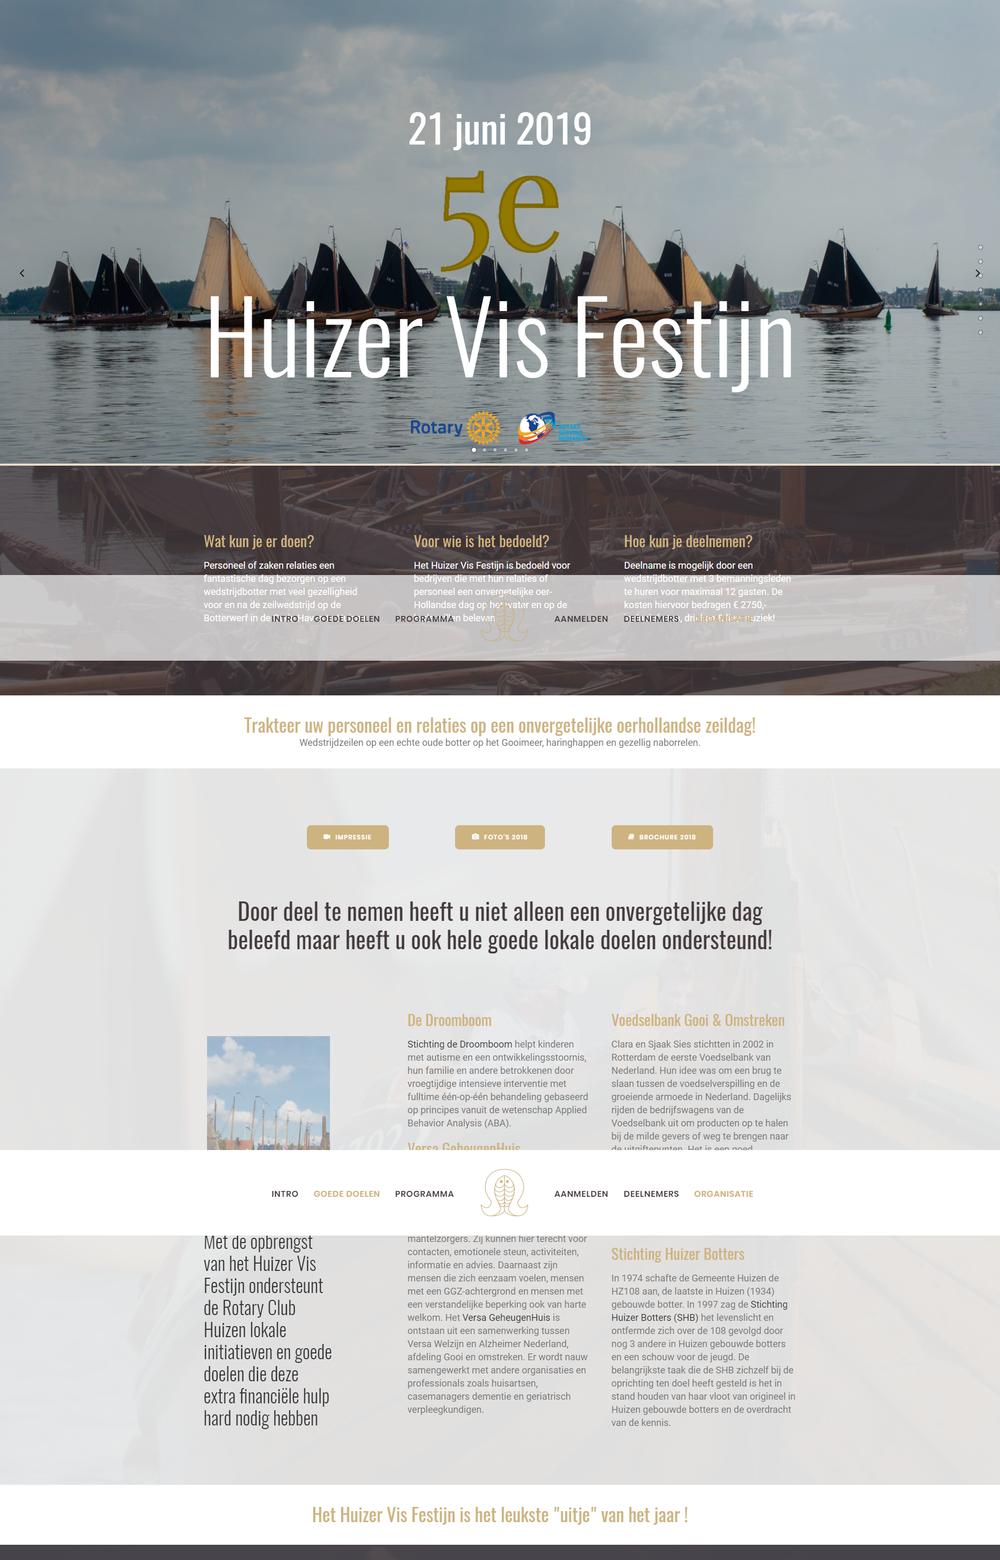 Huizer Vis Festijn